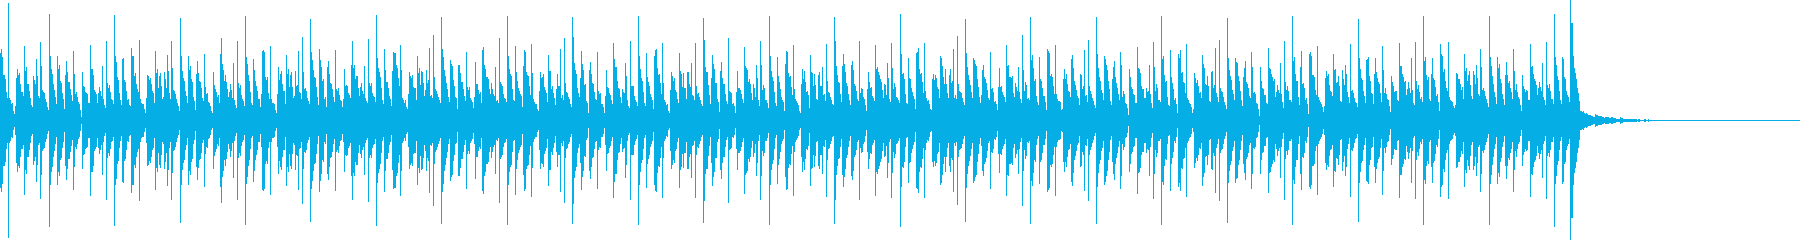 少し無機質でほのぼのとしたBGMの再生済みの波形